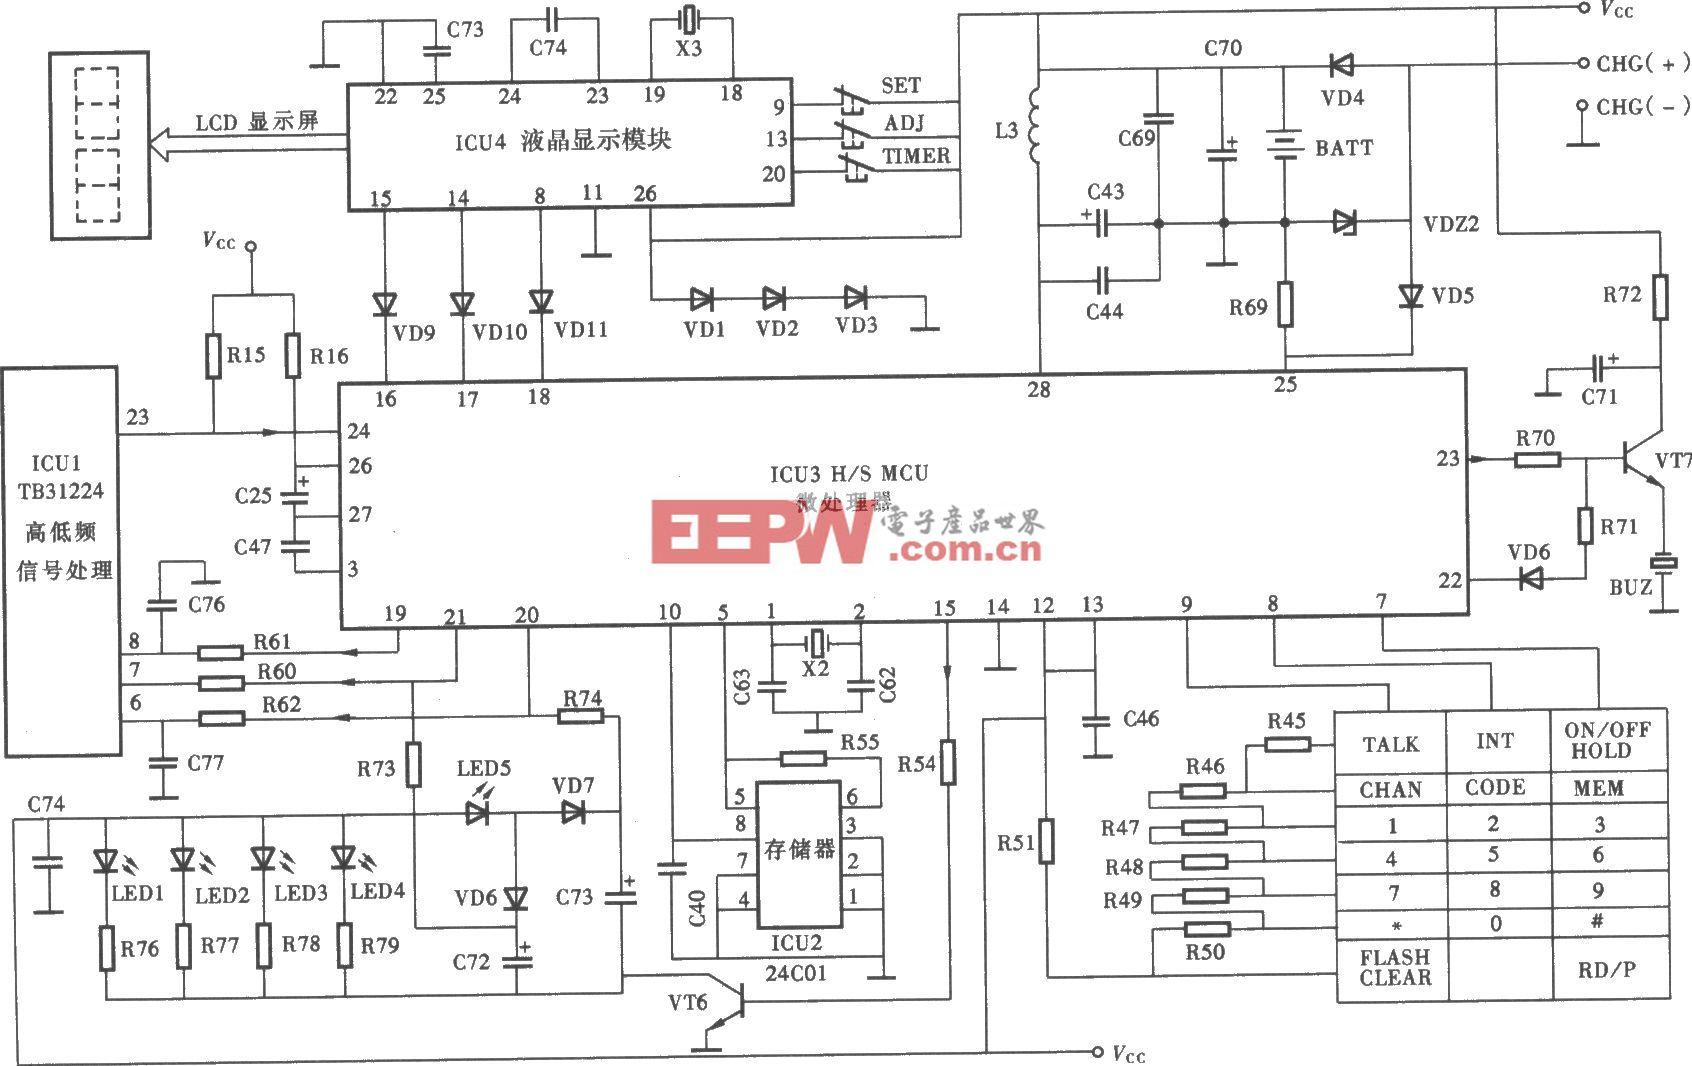 天時達HW838(4)P/TSD-LCD型無繩電話手機微電腦控制電路